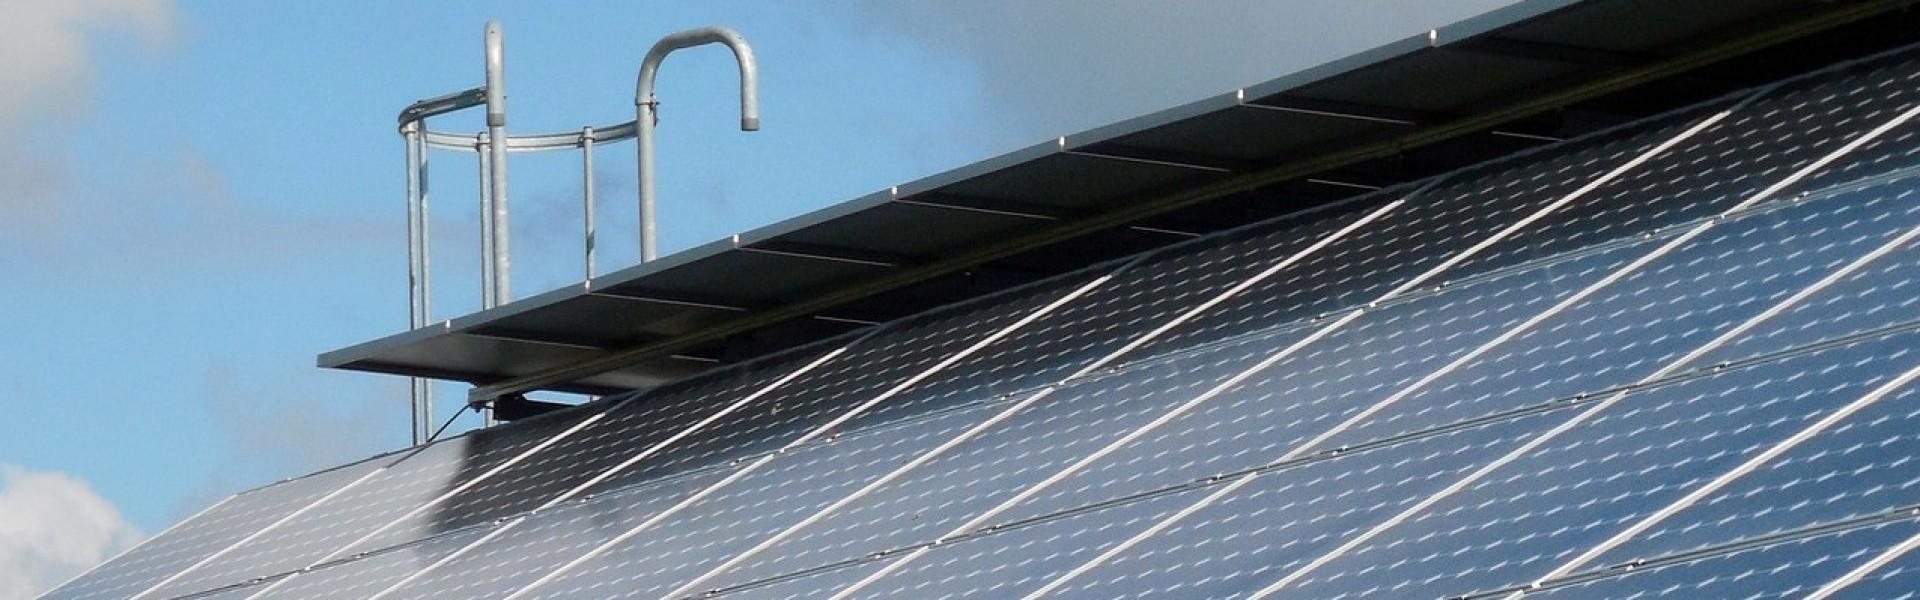 Ingénierie, conseil, développement photovoltaïque à Toulouse